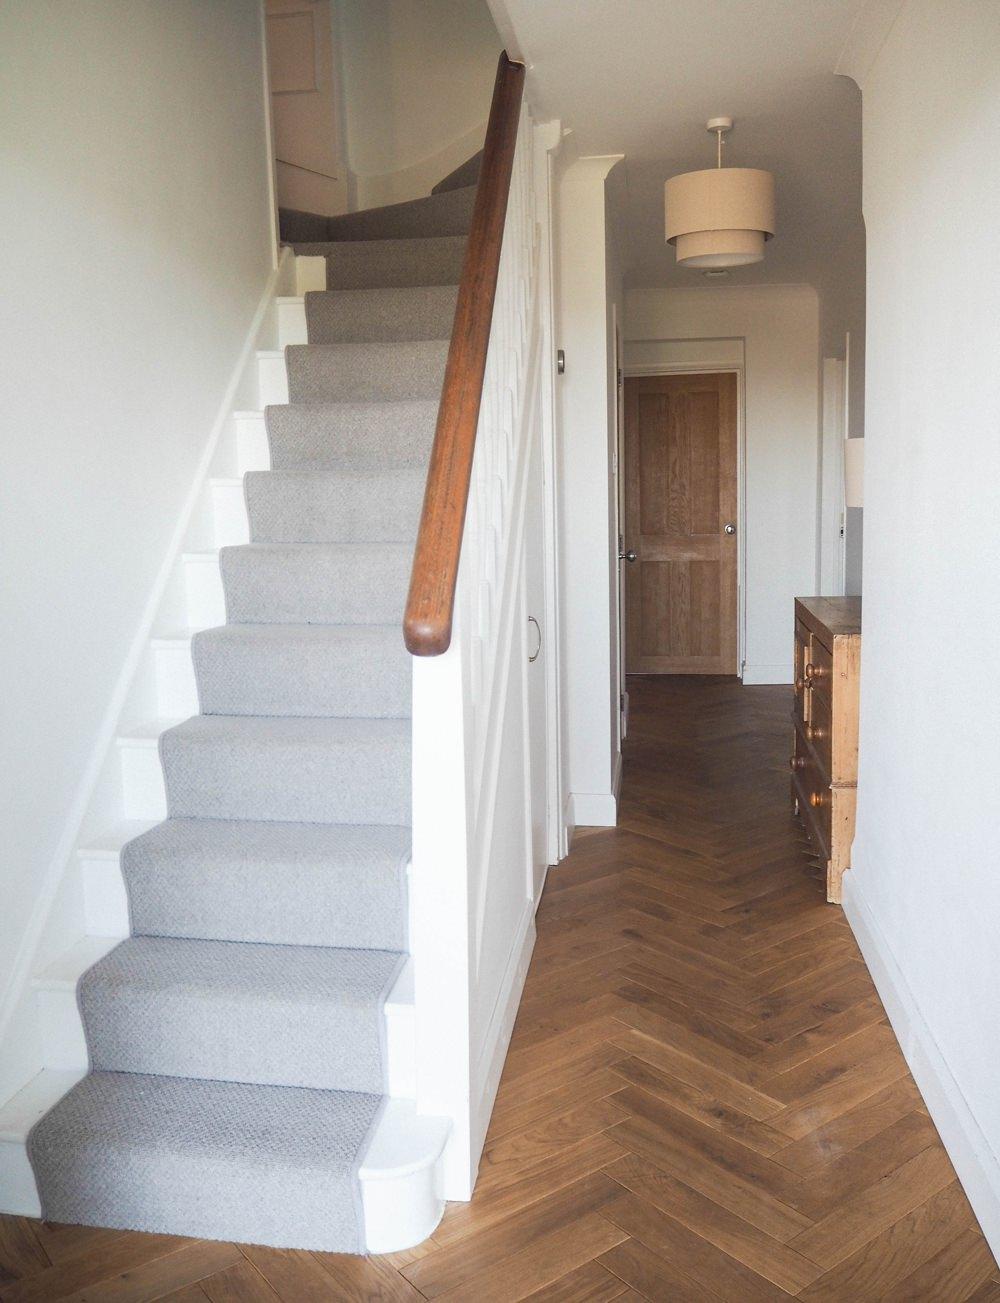 Hallway Renovation 1930s Stairs Herringbone Parquet Floor Oak Stair Runner